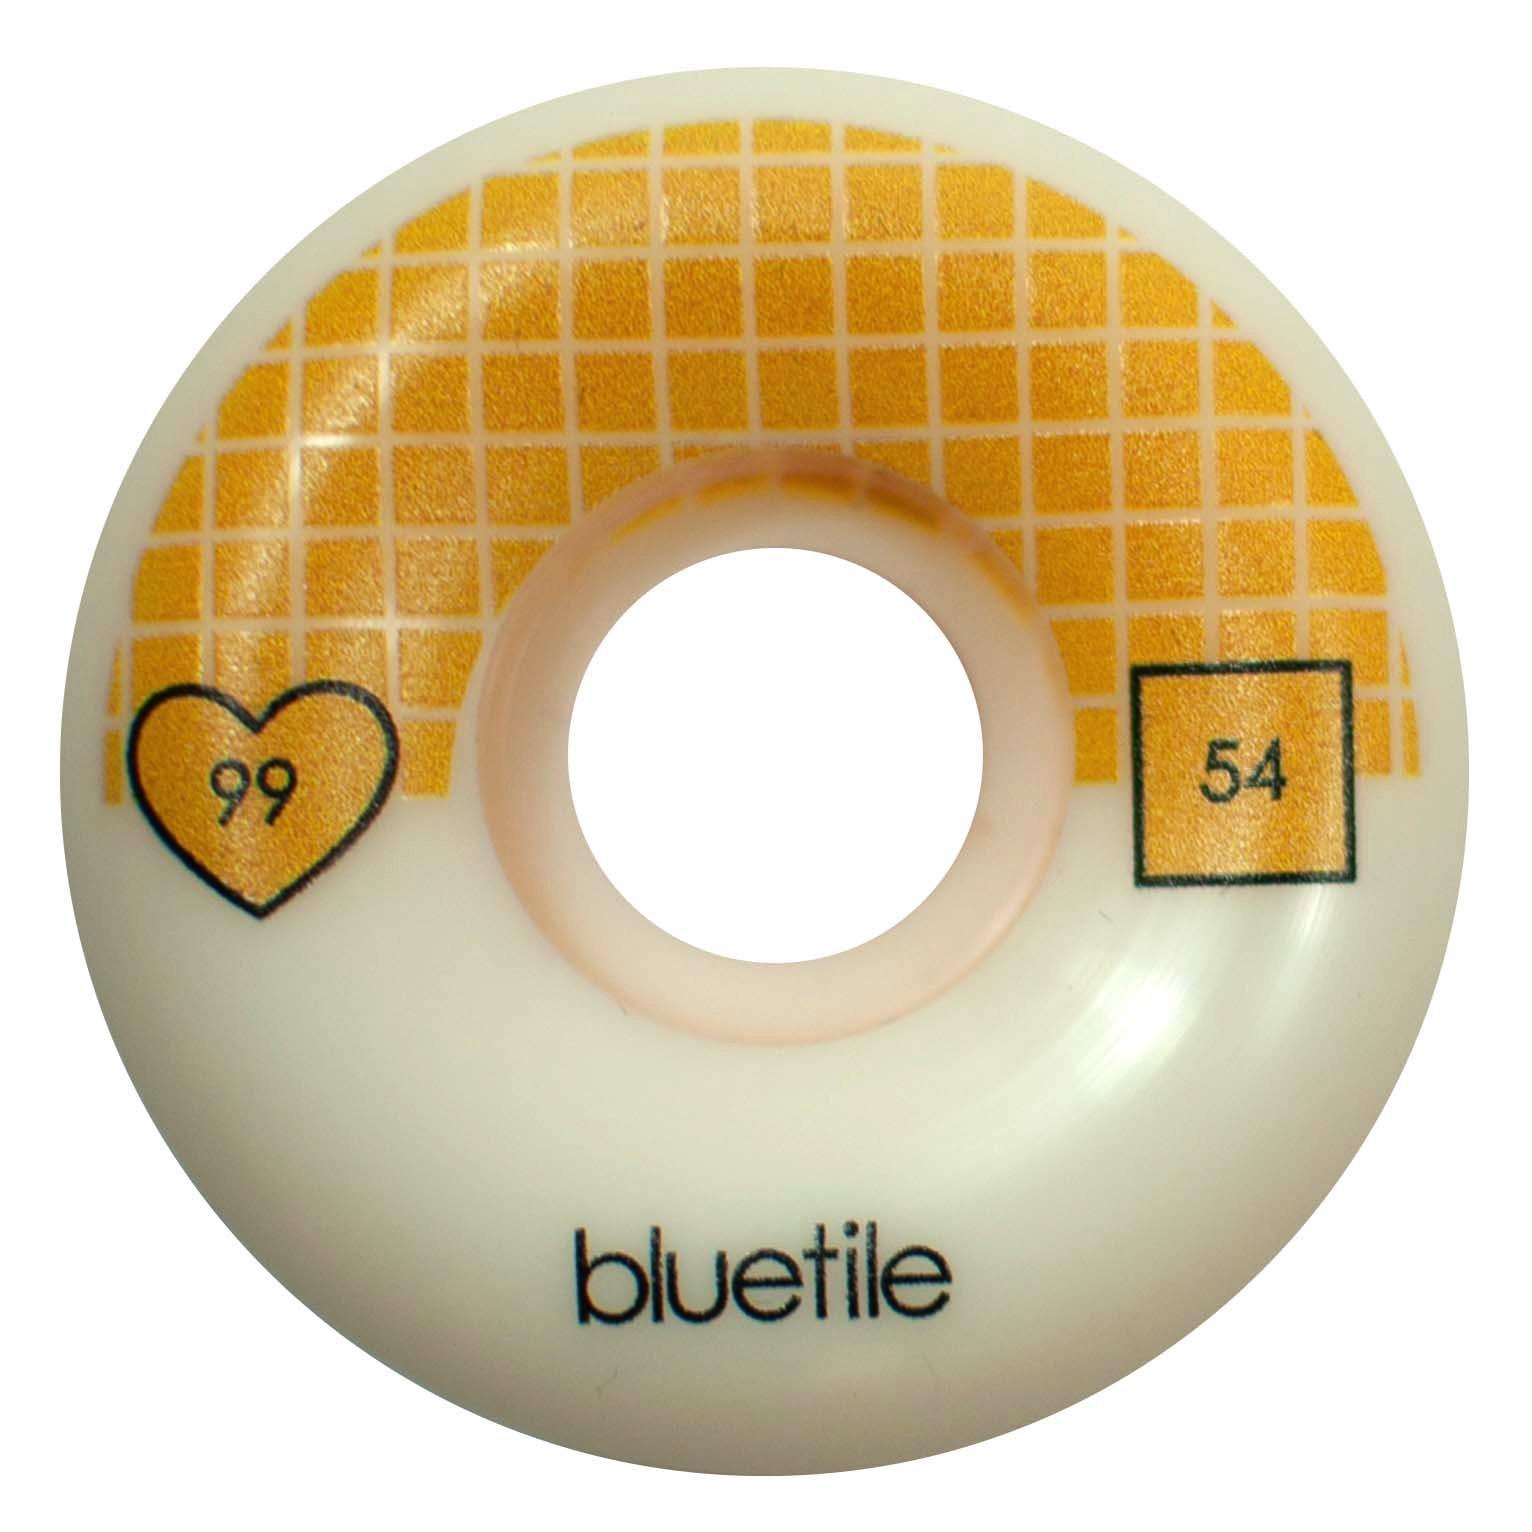 BLUETILE BLUETILE WHEELS 54MM 99a CONICAL